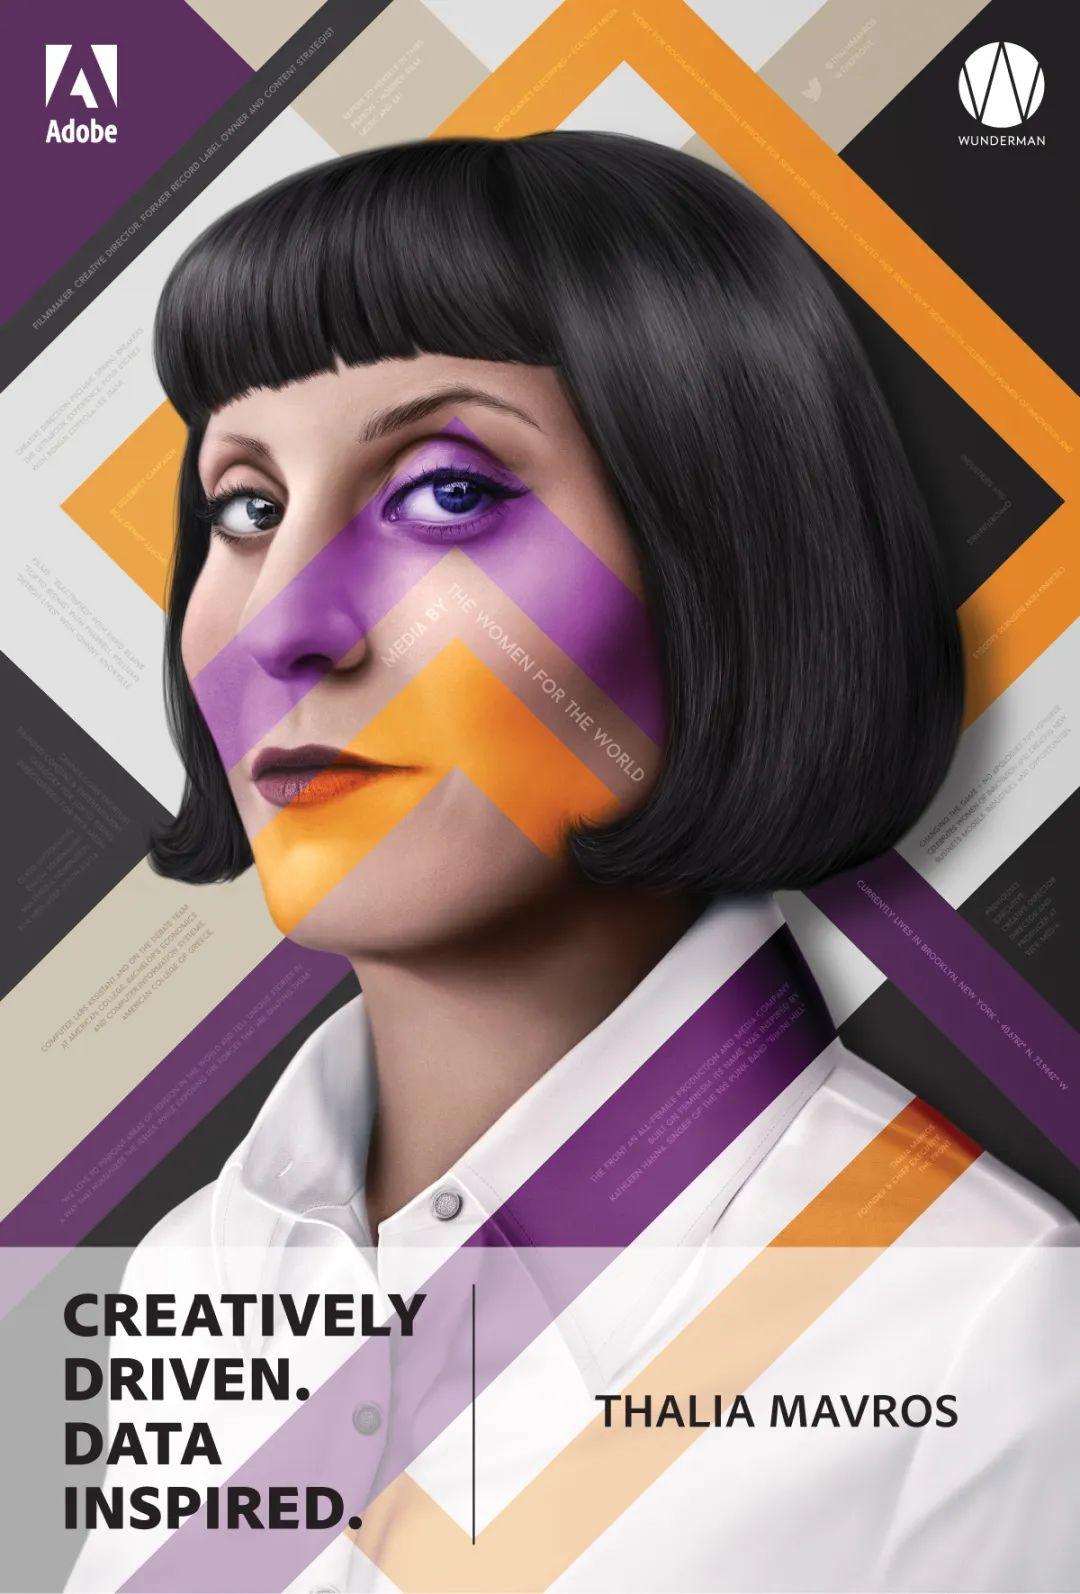 25款设计感十足的人物海报